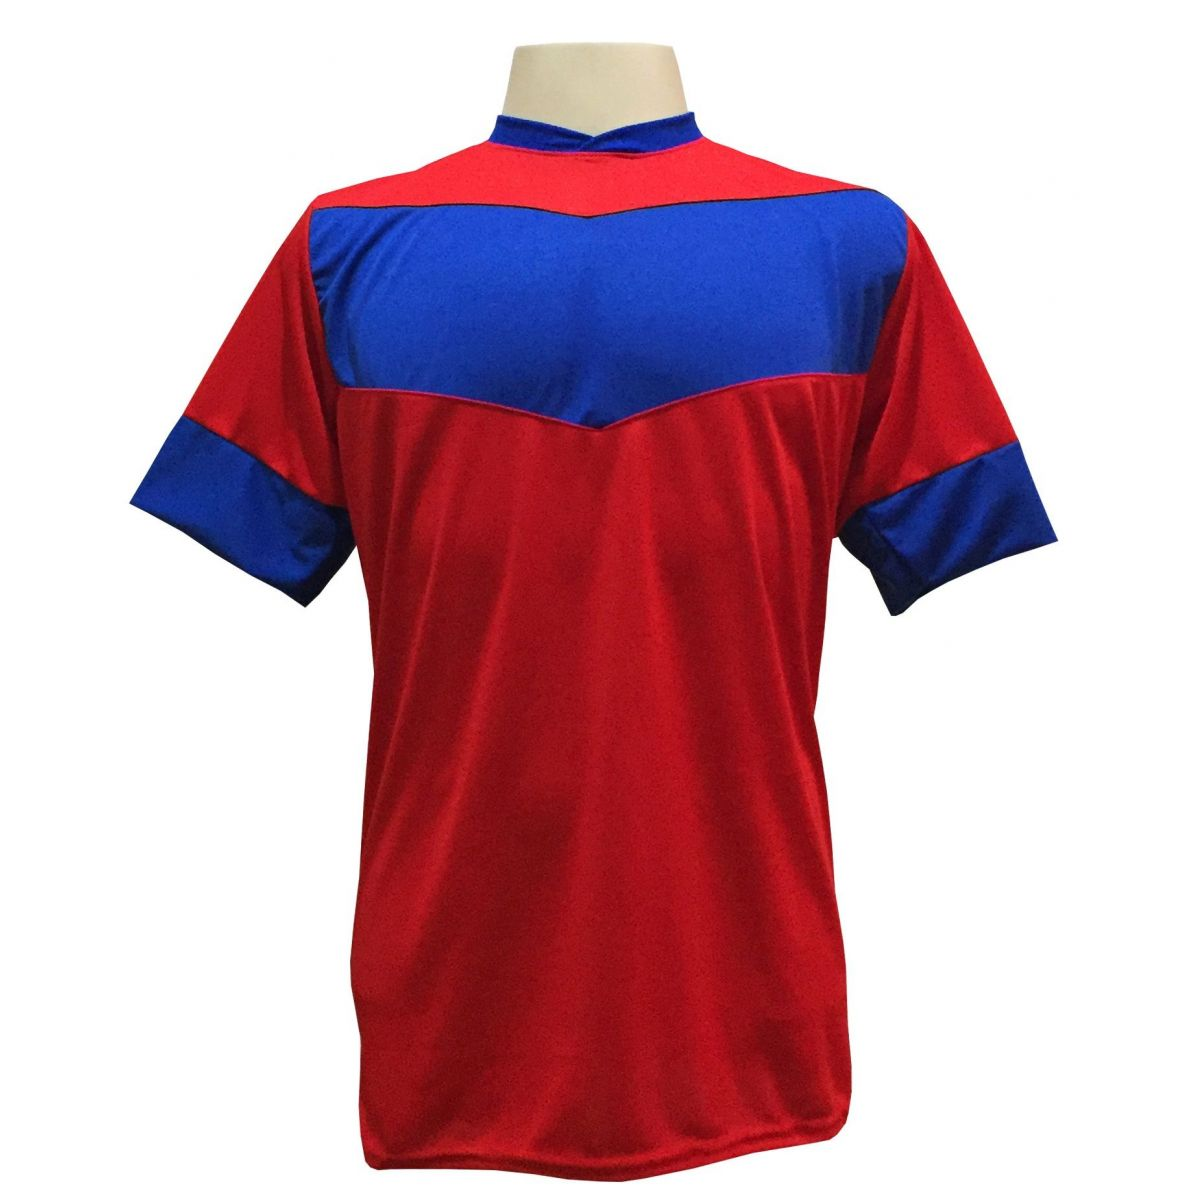 Fardamento Completo modelo Columbus 18+2 (18 Camisas Vermelho/Royal + 18 Calções Madrid Vermelho + 18 Pares de Meiões Vermelhos + 2 Conjuntos de Goleiro) + Brindes